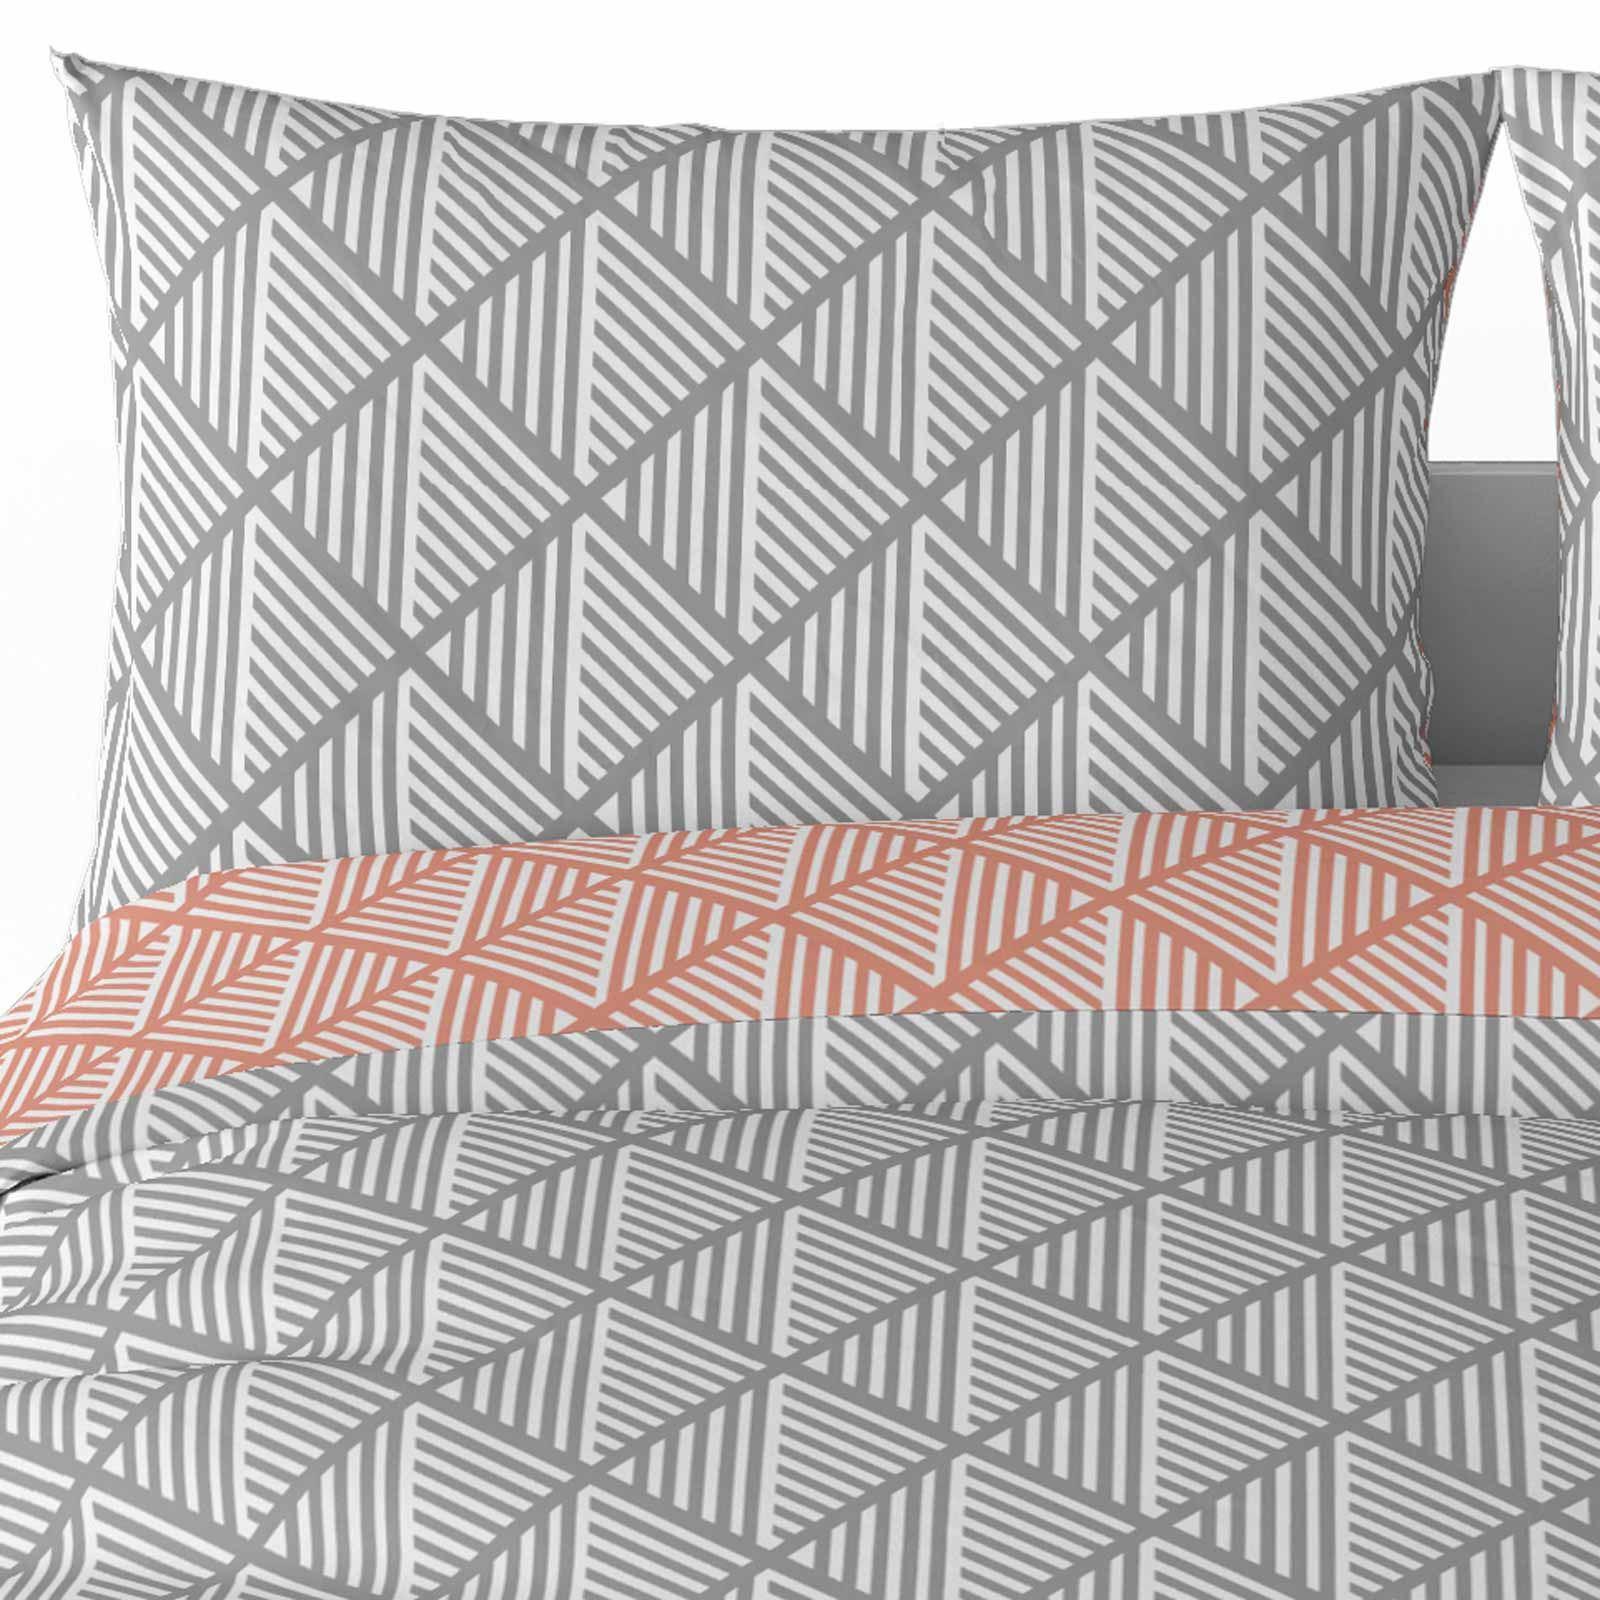 Grigio-Argento-Copripiumino-Stampato-Jacquard-Quilt-Set-Set-di-biancheria-da-letto-copre miniatura 25